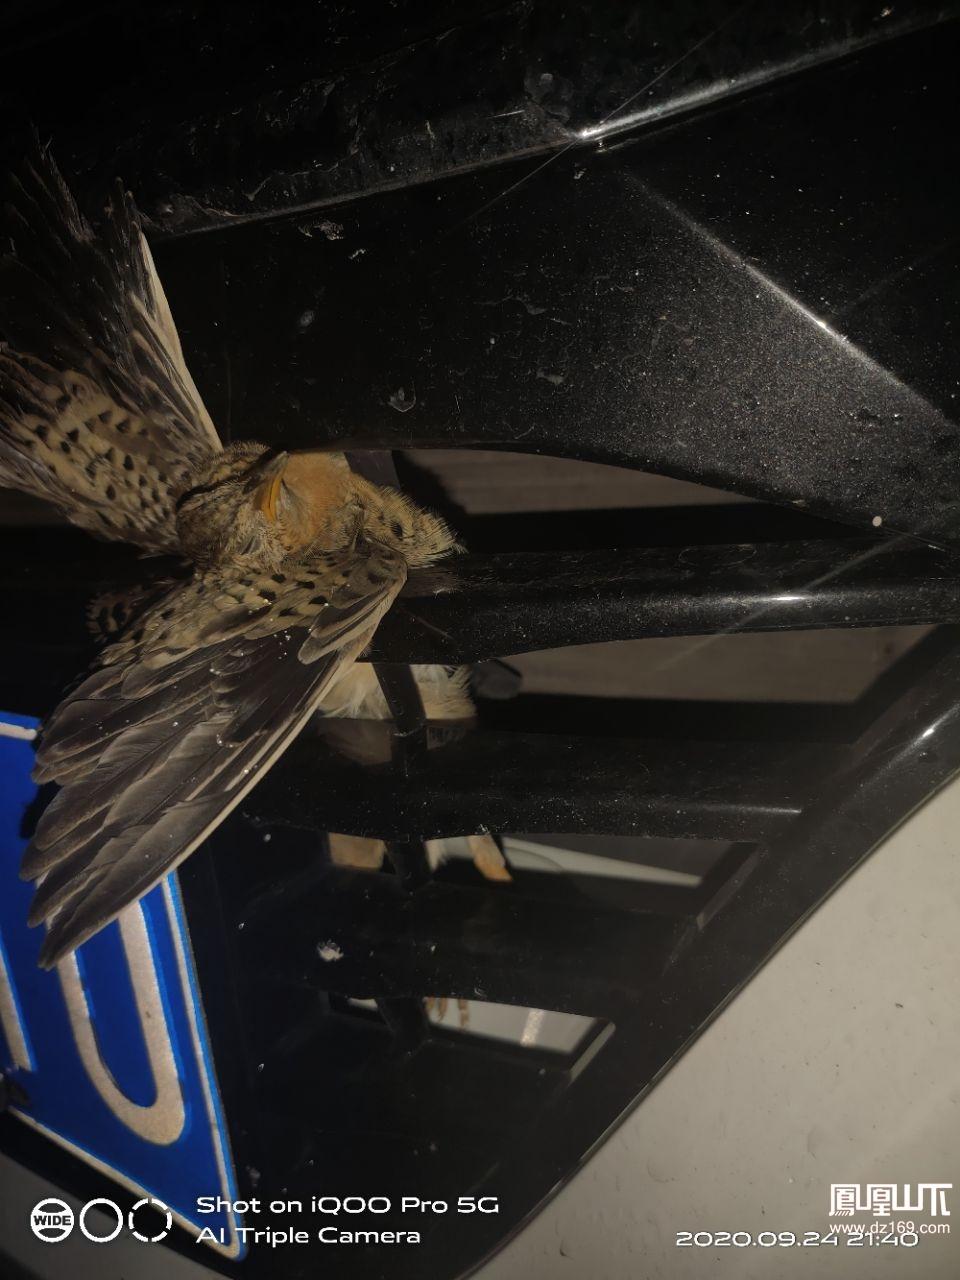 撞死个麻雀有不祥之兆吗?